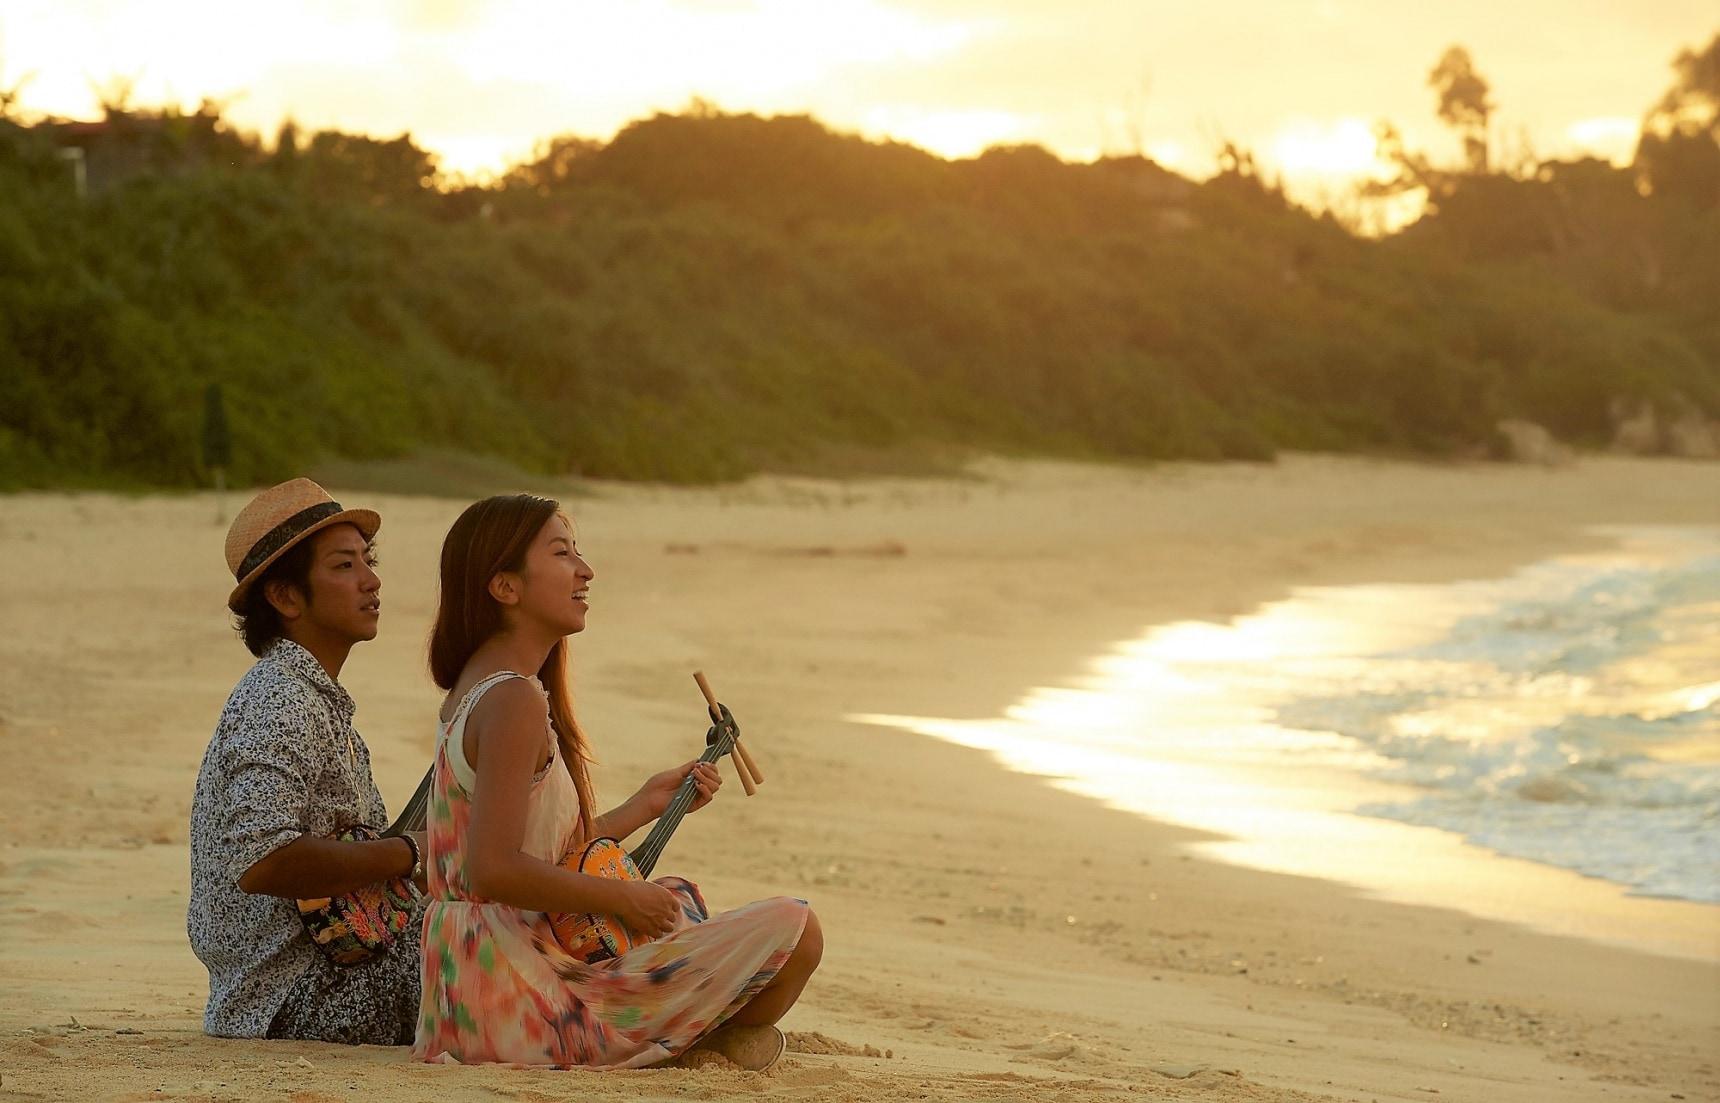 在沖繩遇到愛!戀人必訪的五個愛情增溫場景